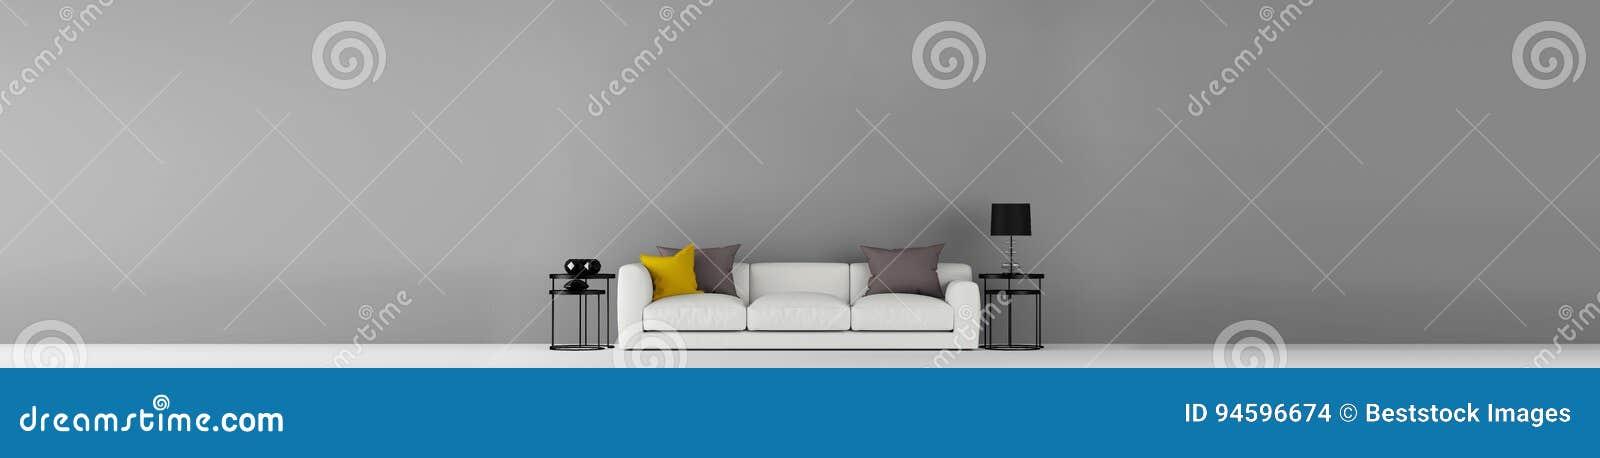 Der hohen Auflösung graue leere Wand weit mit Illustration der Möbel 3d